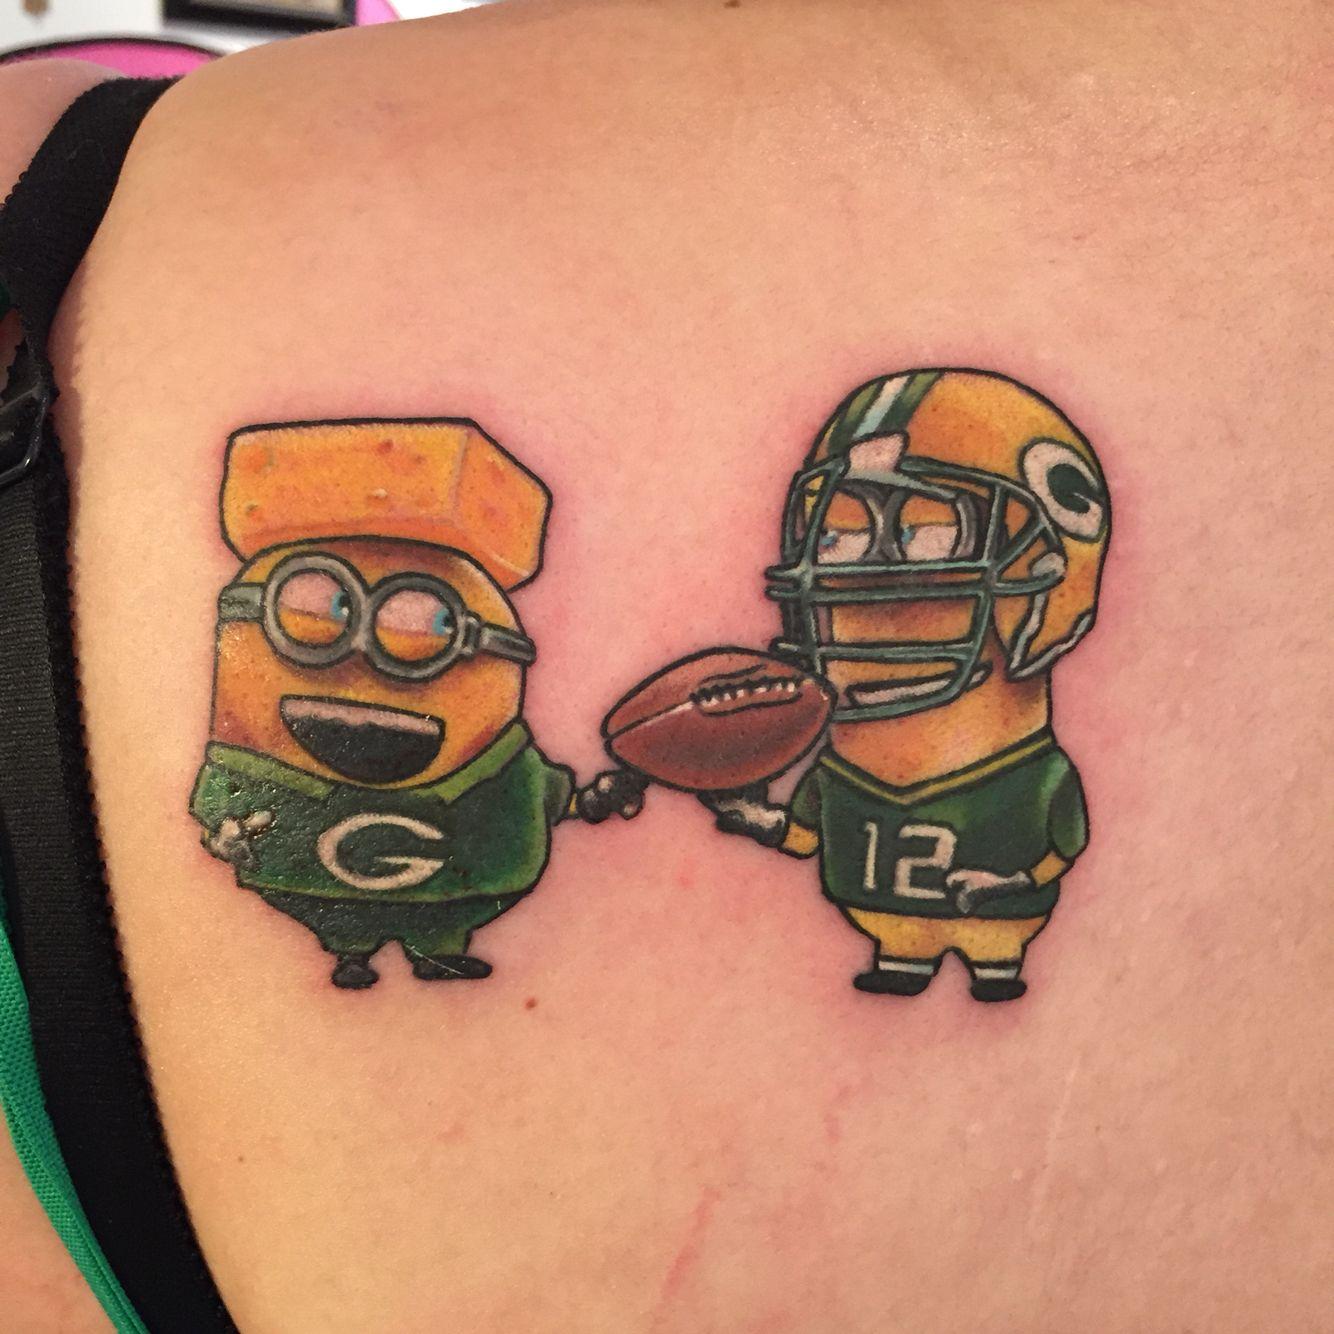 Pin By Renee Olsen On Tatoo Green Bay Packers Tattoo Minion Tattoo Football Tattoo